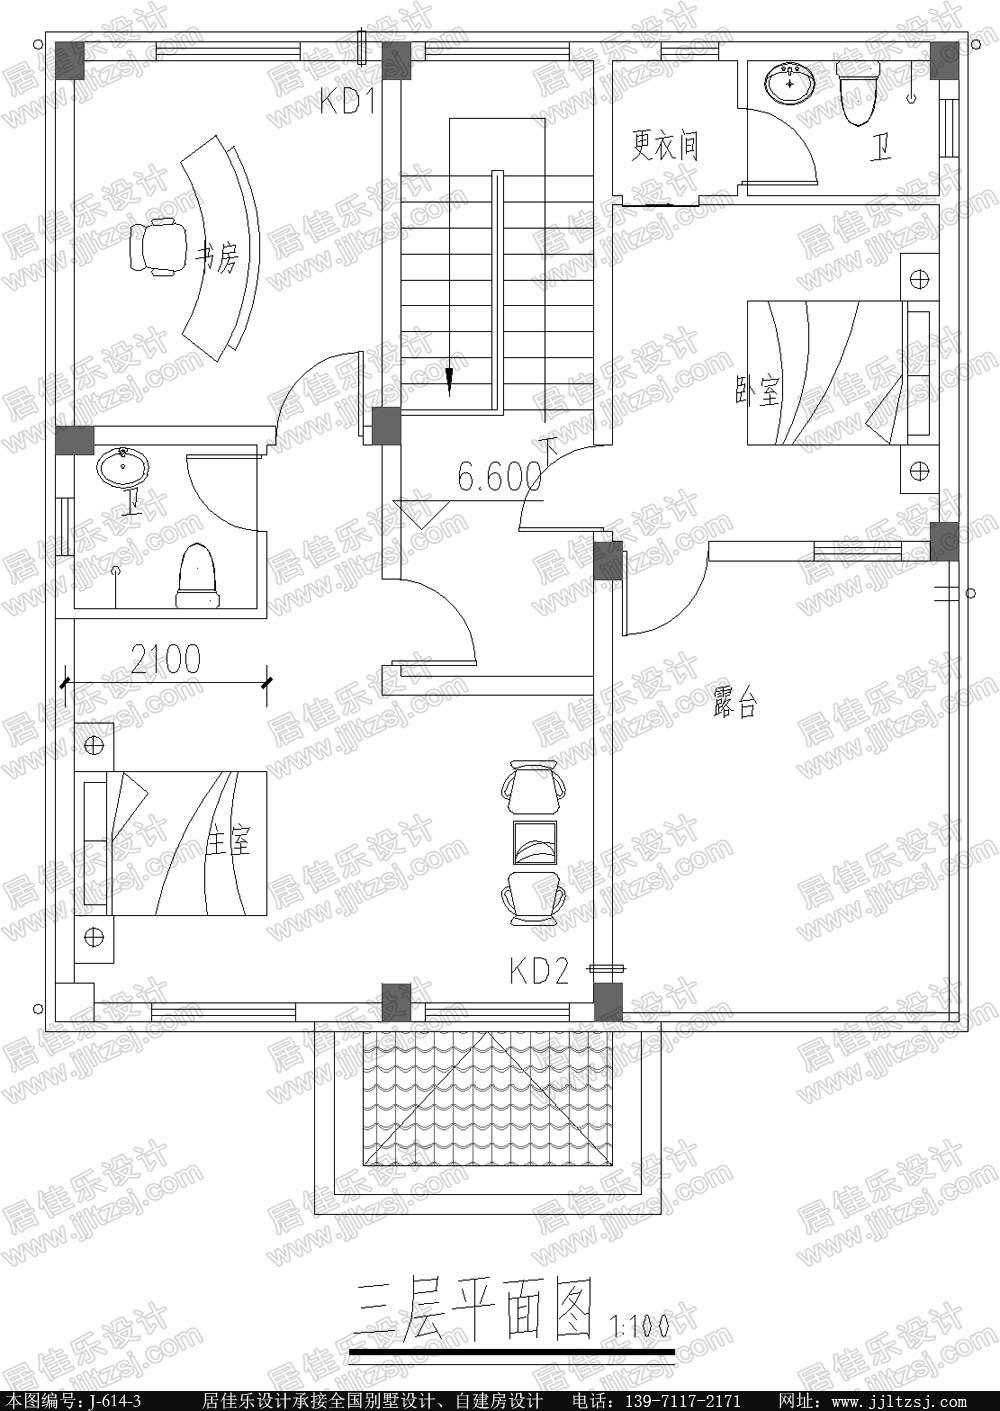 100平米新农村自建三层房屋设计图,9.4x11.7米,15.6-20万